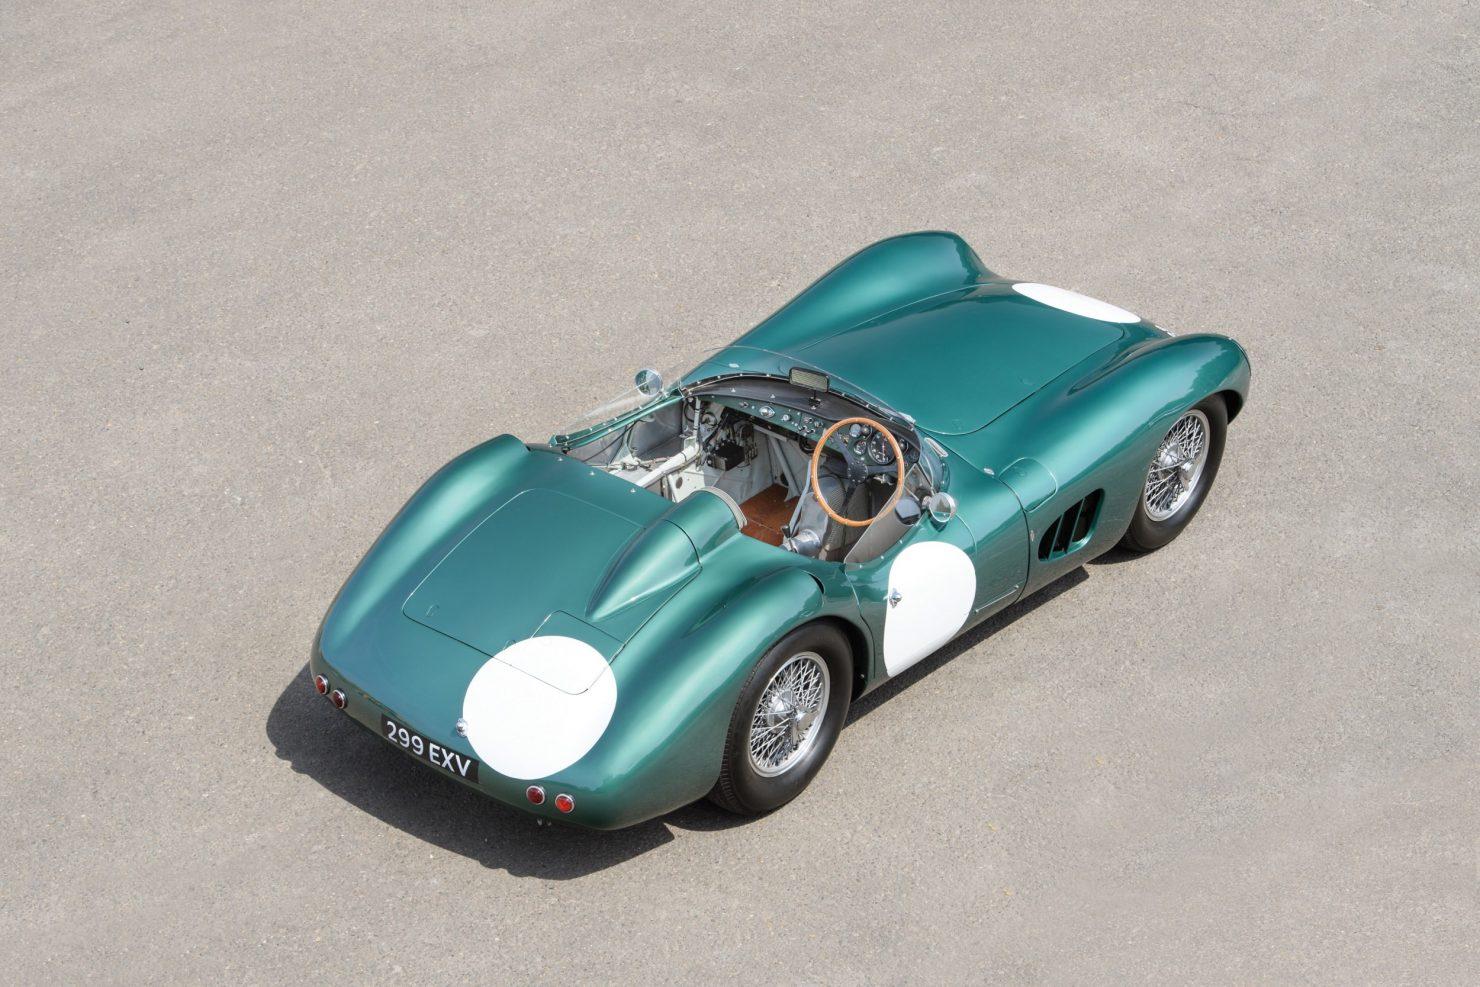 aston martin dbr1 2 1480x987 - 1956 Aston Martin DBR1